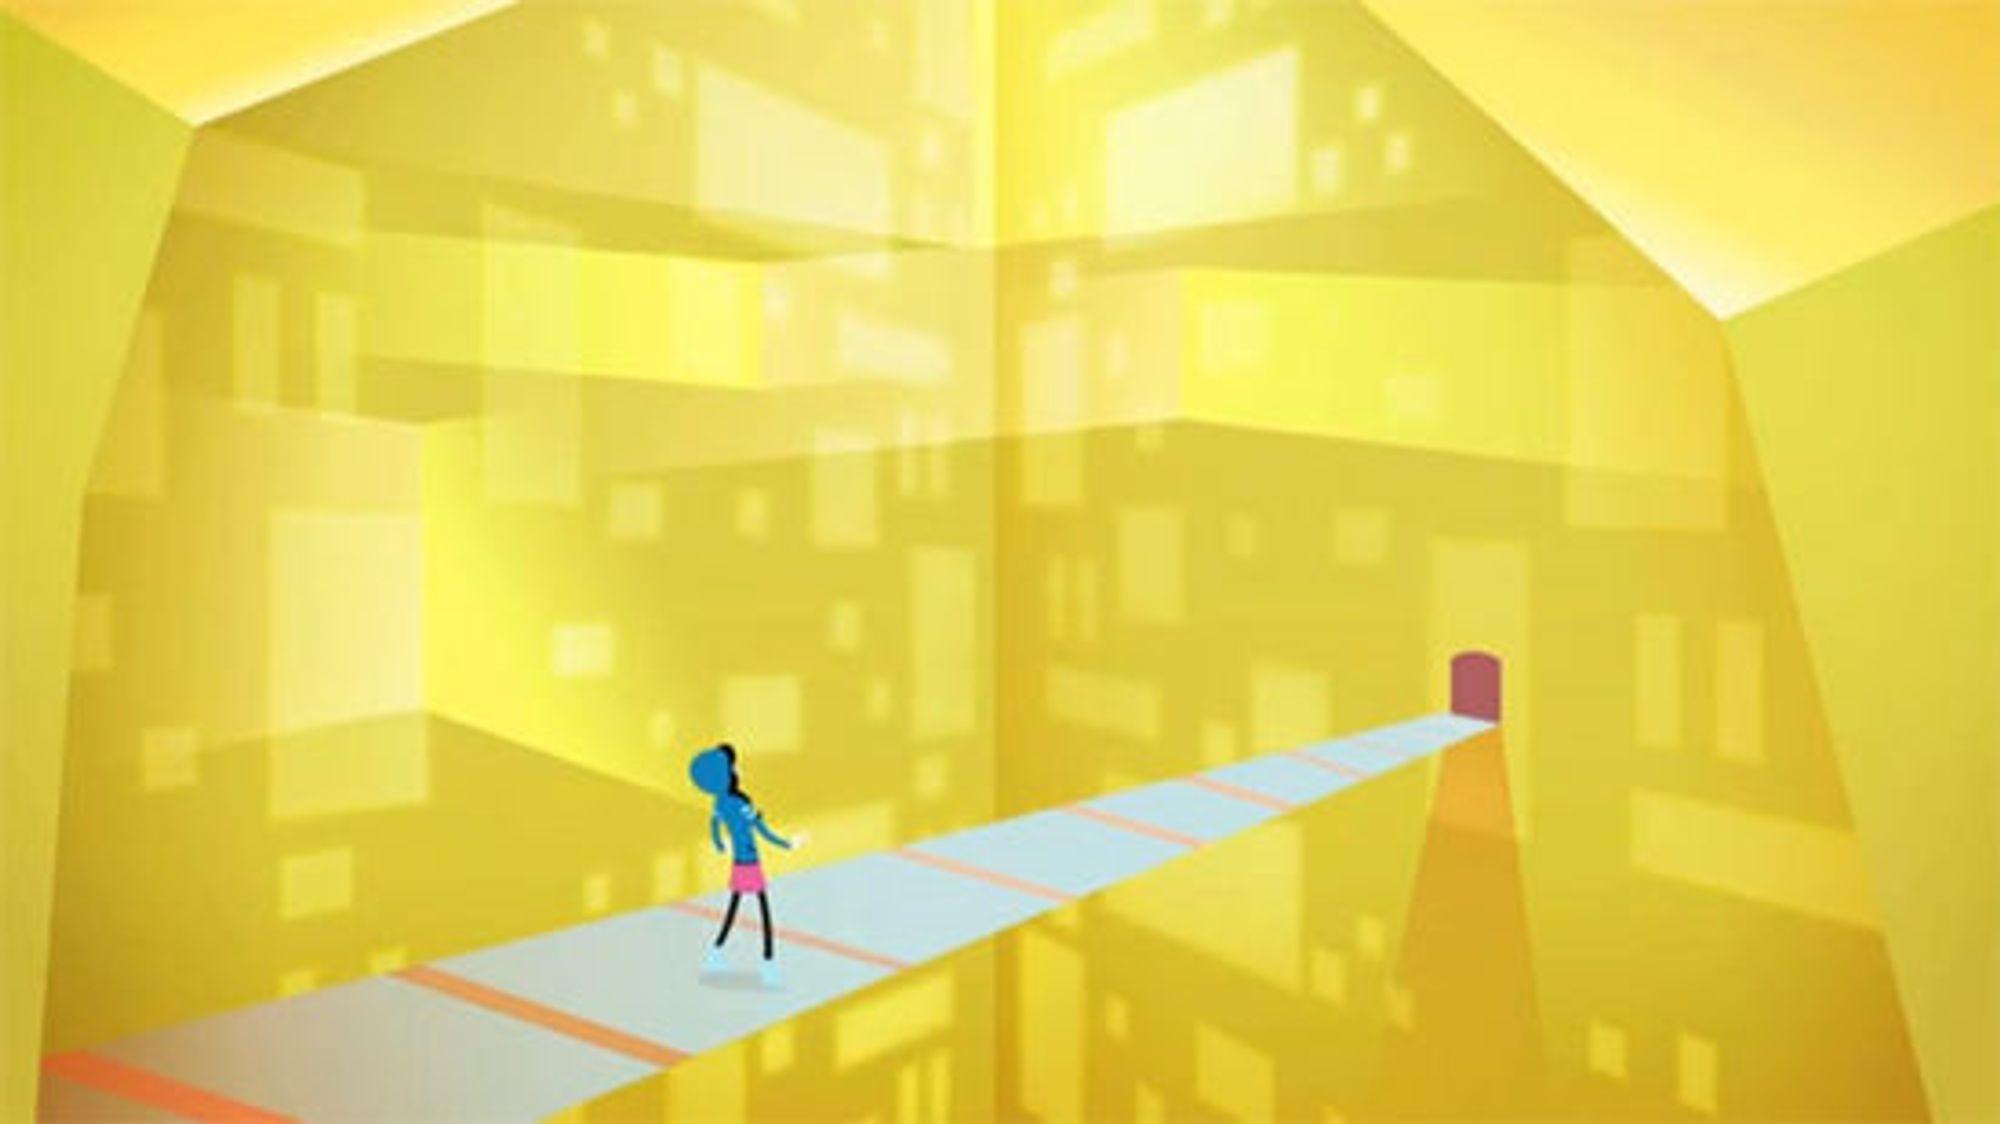 Gjennomgangsfiguren i programmeringens lyse verden, slik teknisk kunstner Bronwen Grimes beskriver.